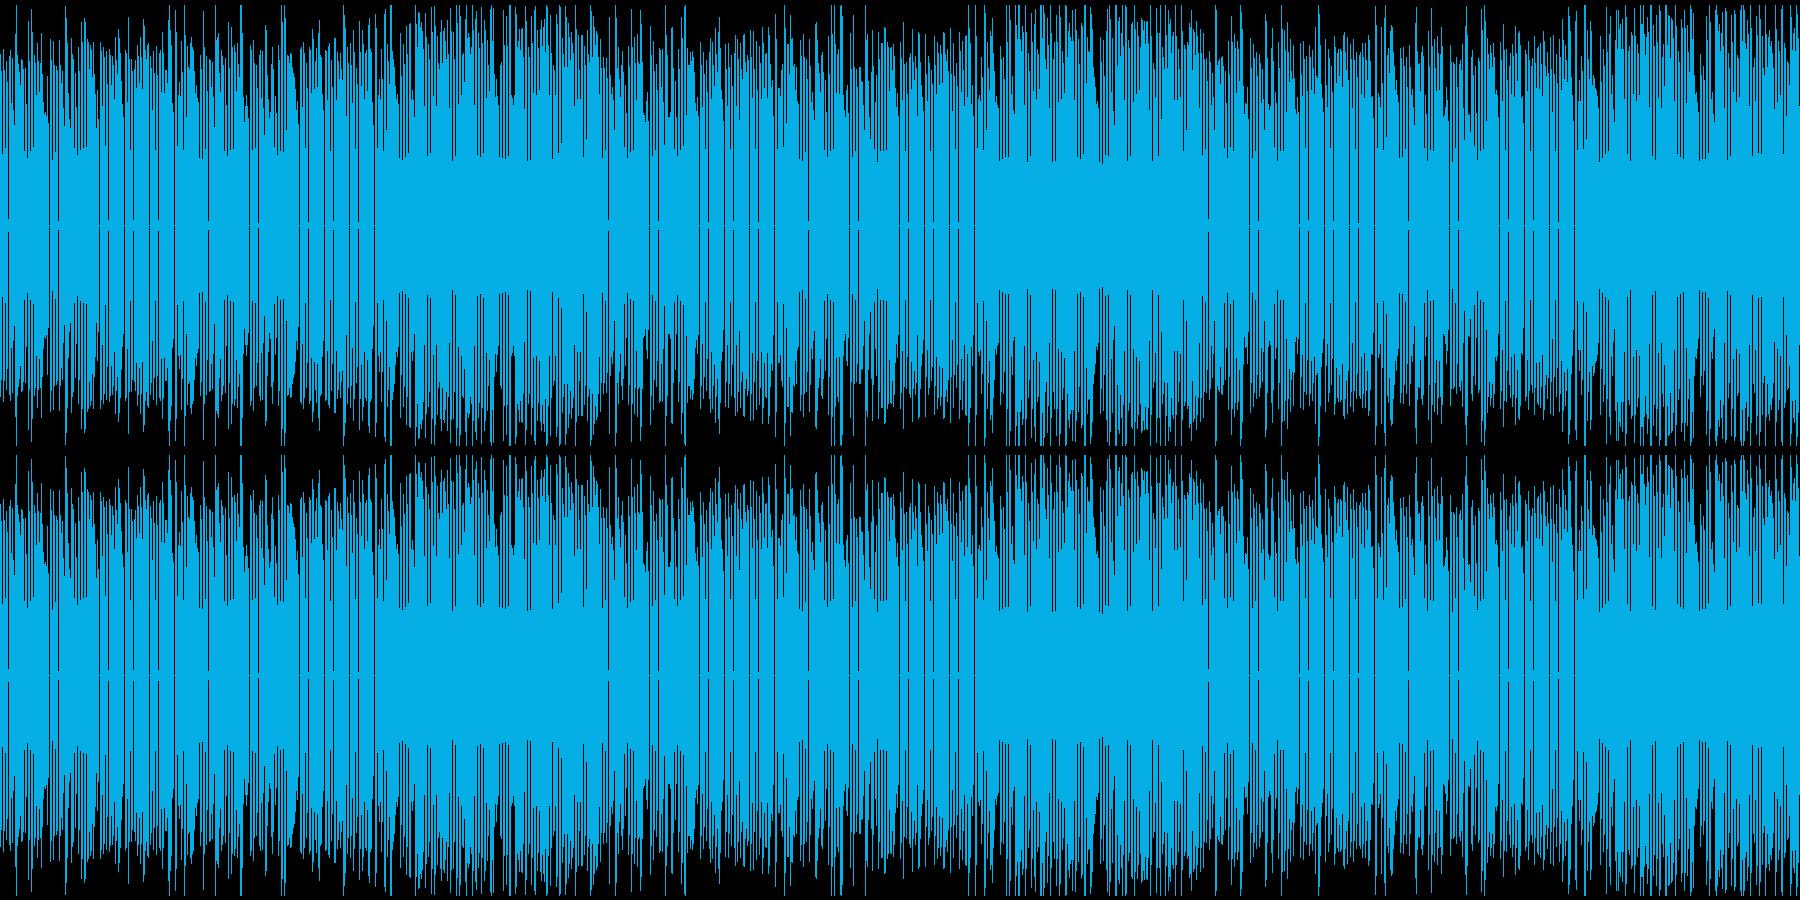 爽やかでテンポのいいファミコン風BGMの再生済みの波形